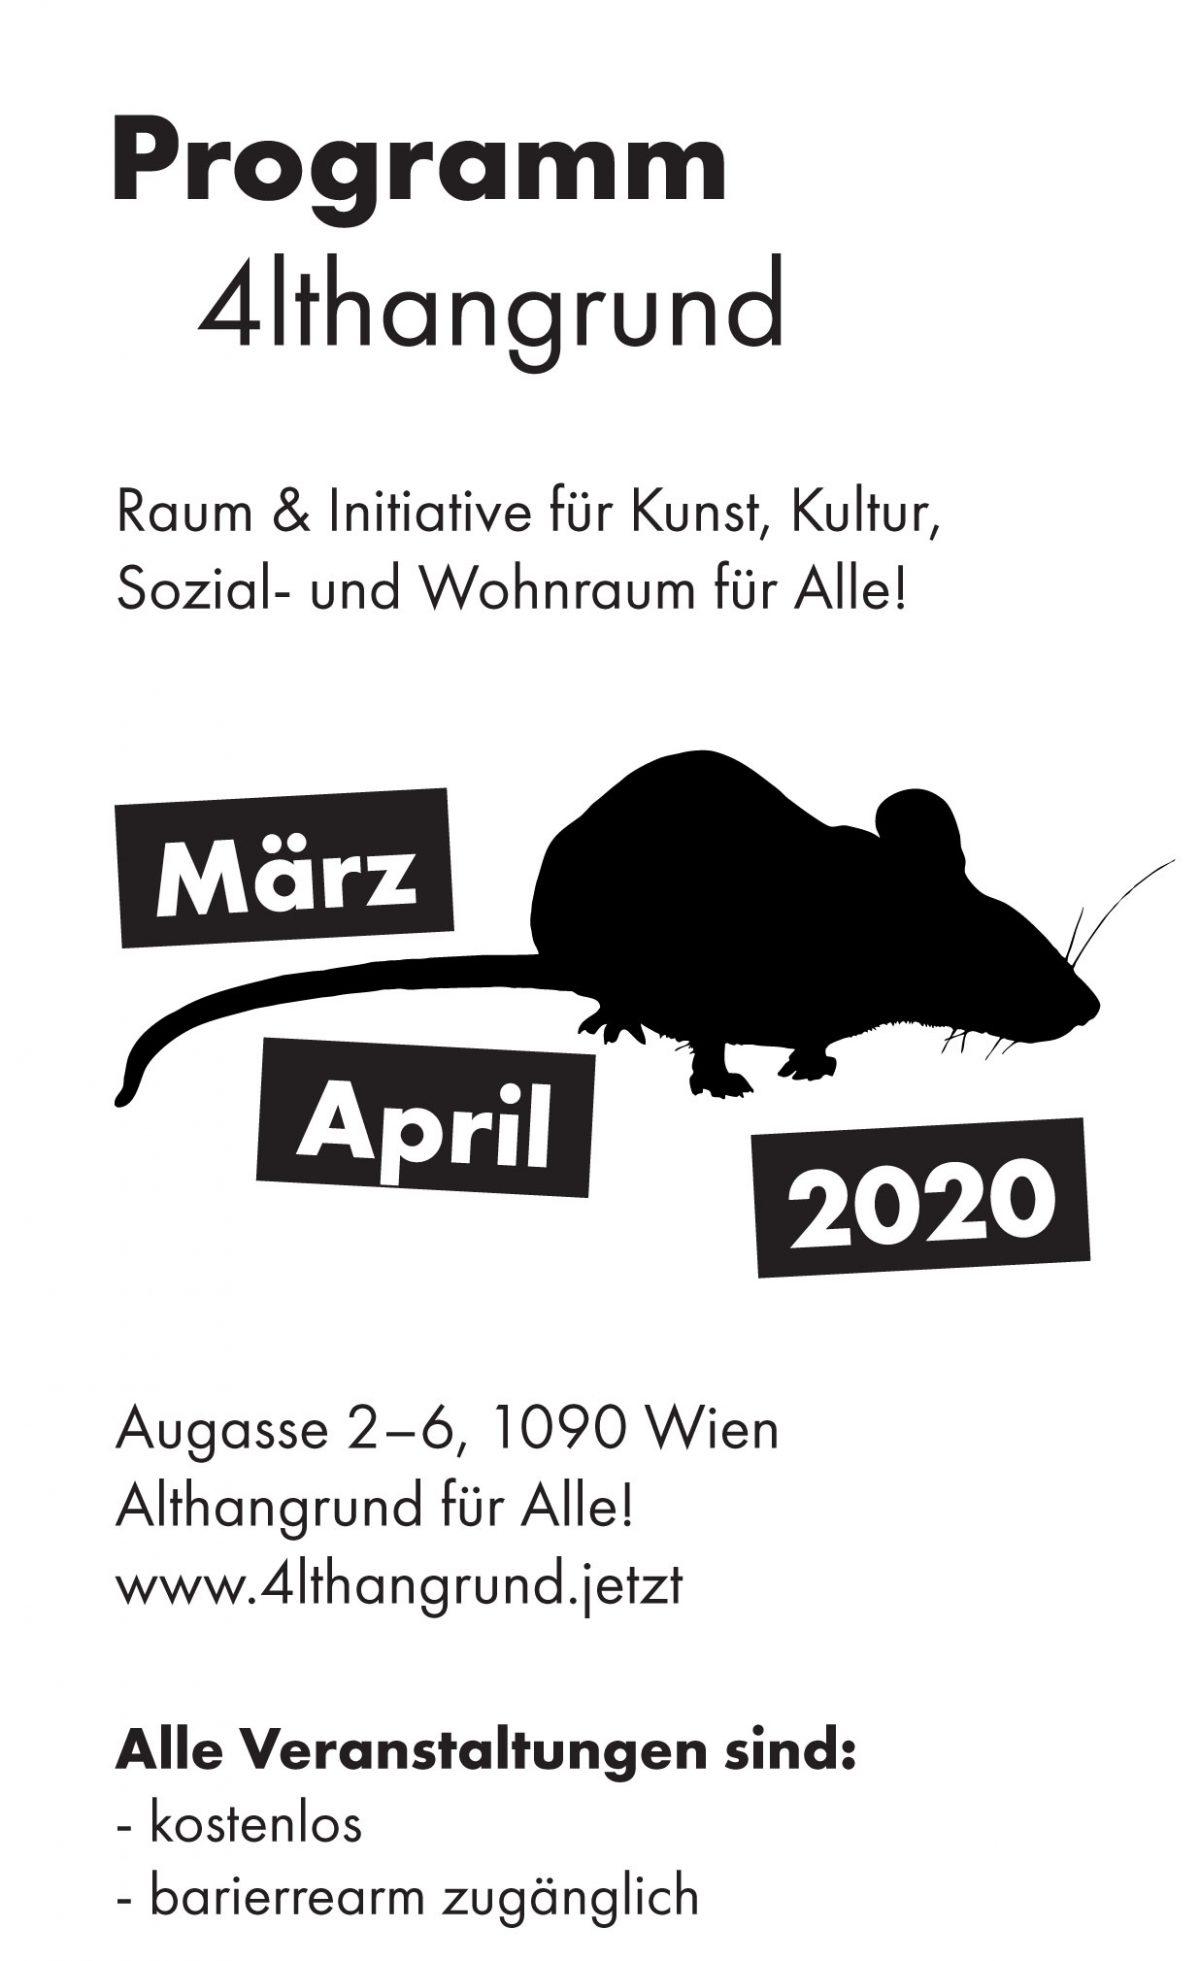 Monatsprogramm März & April 2020